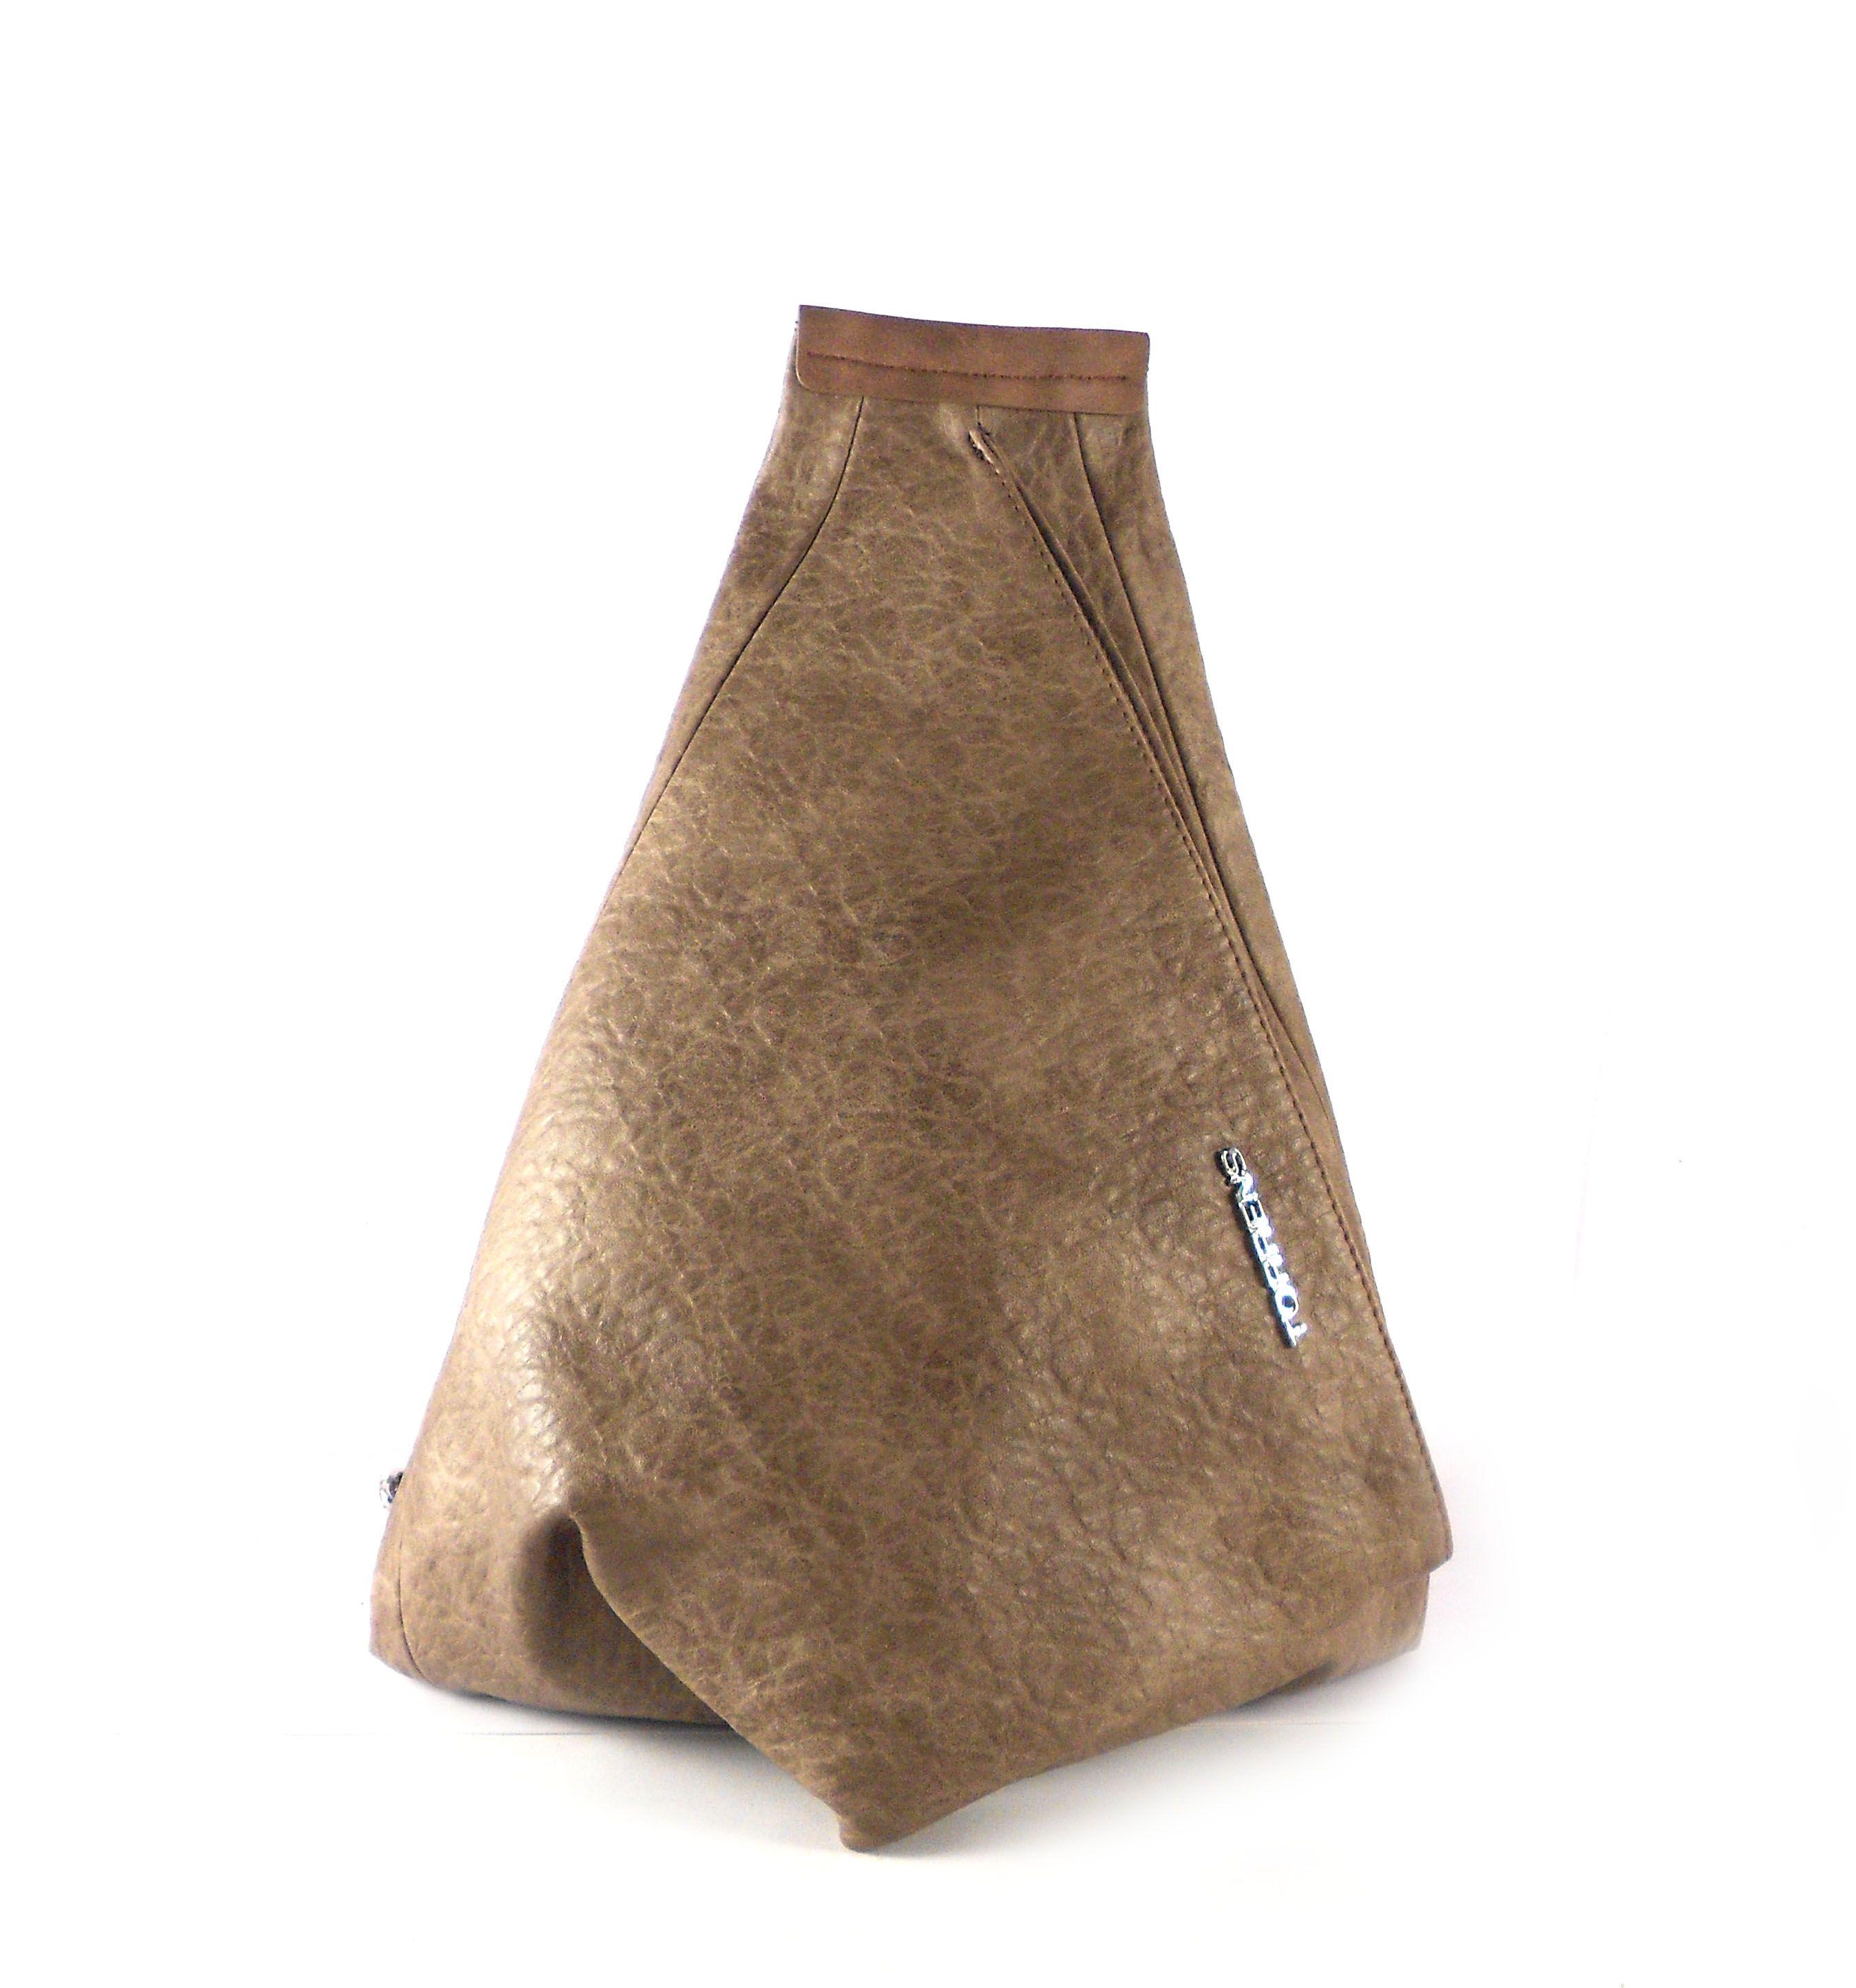 7583dd4cd26 Mochila mujer Torrens con forma triangular